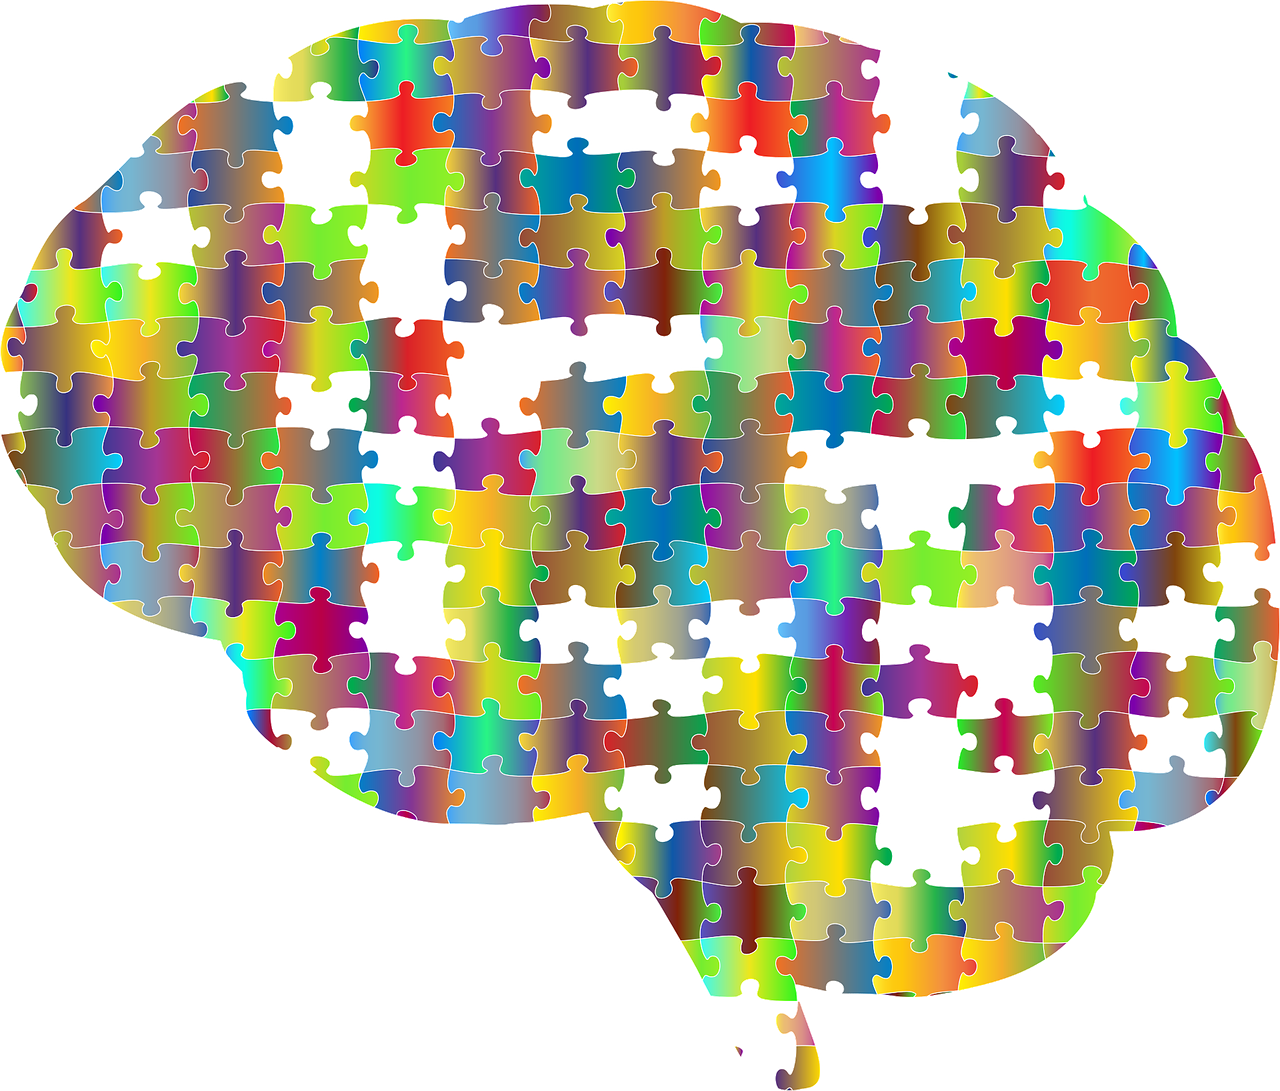 Cervello: per riconoscere gli oggetti bastano 49 proprietà